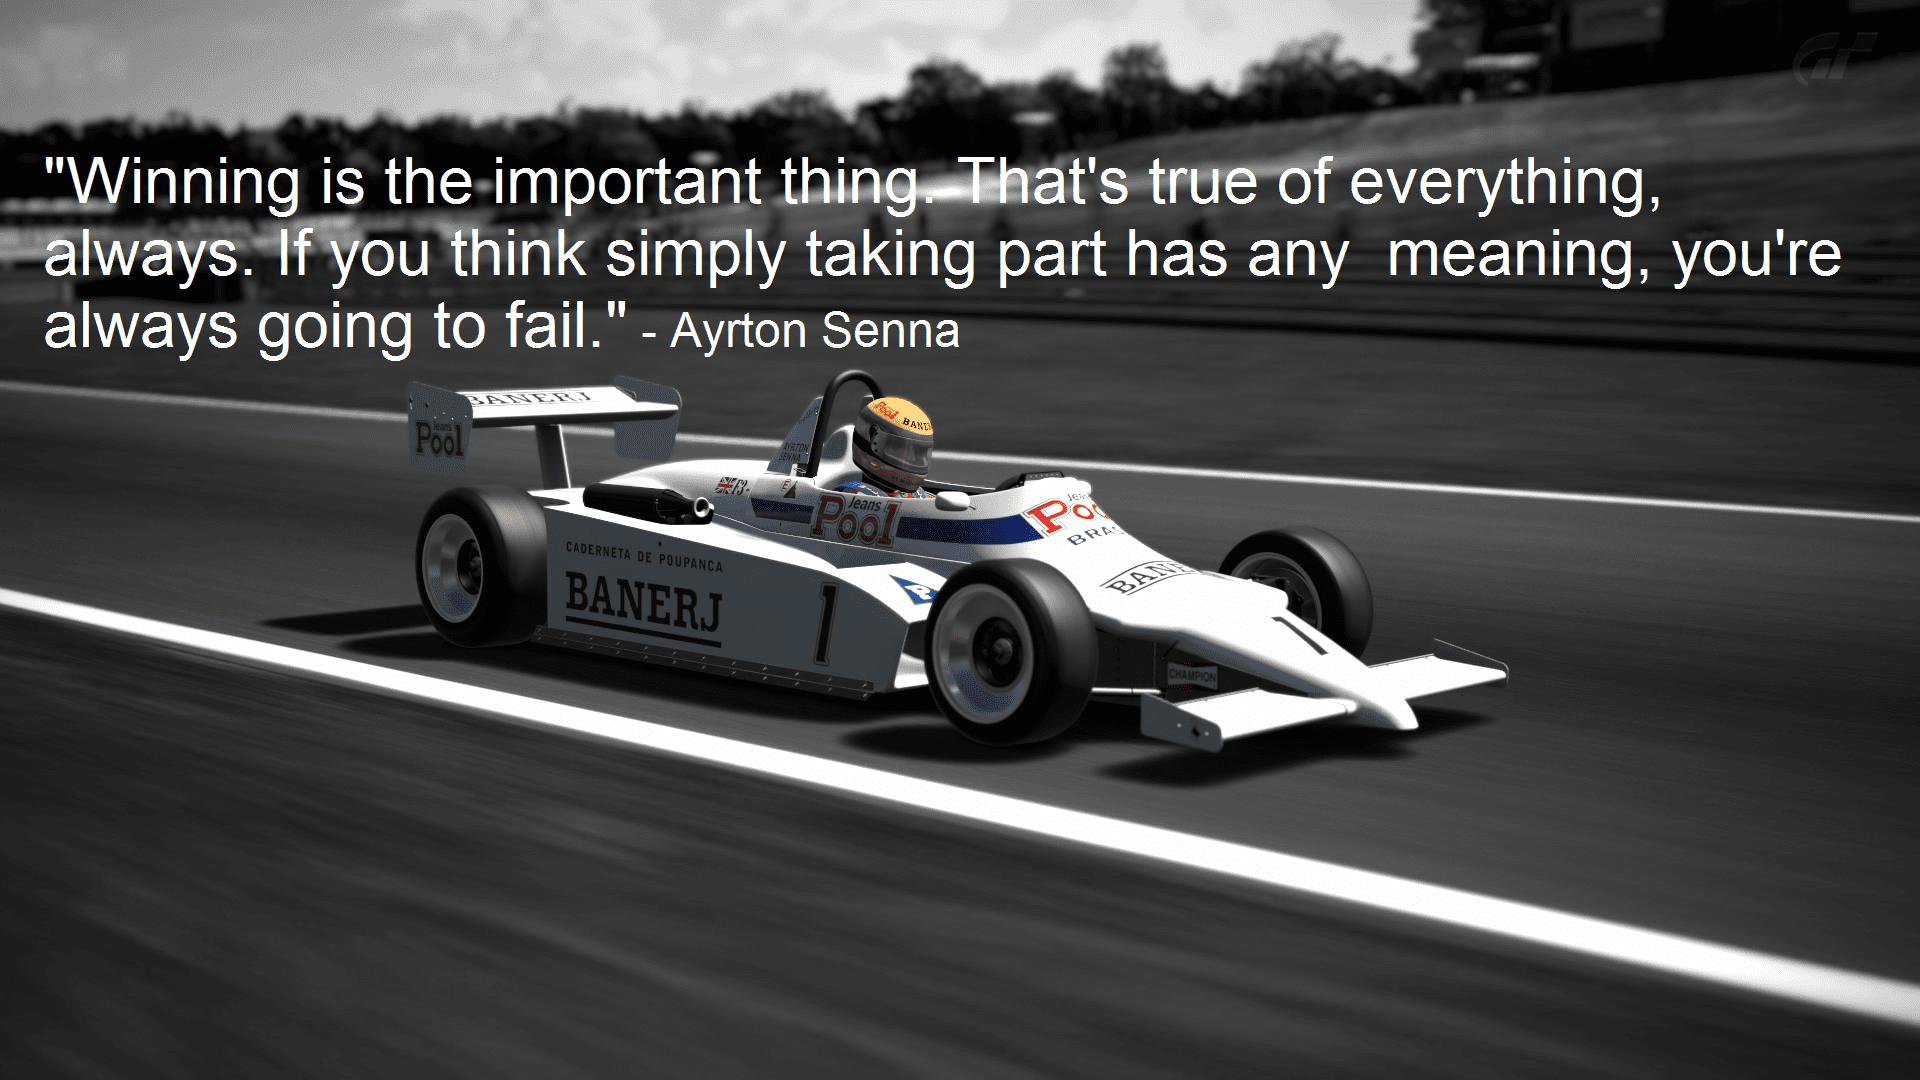 Ayrton Senna Quote 2.png